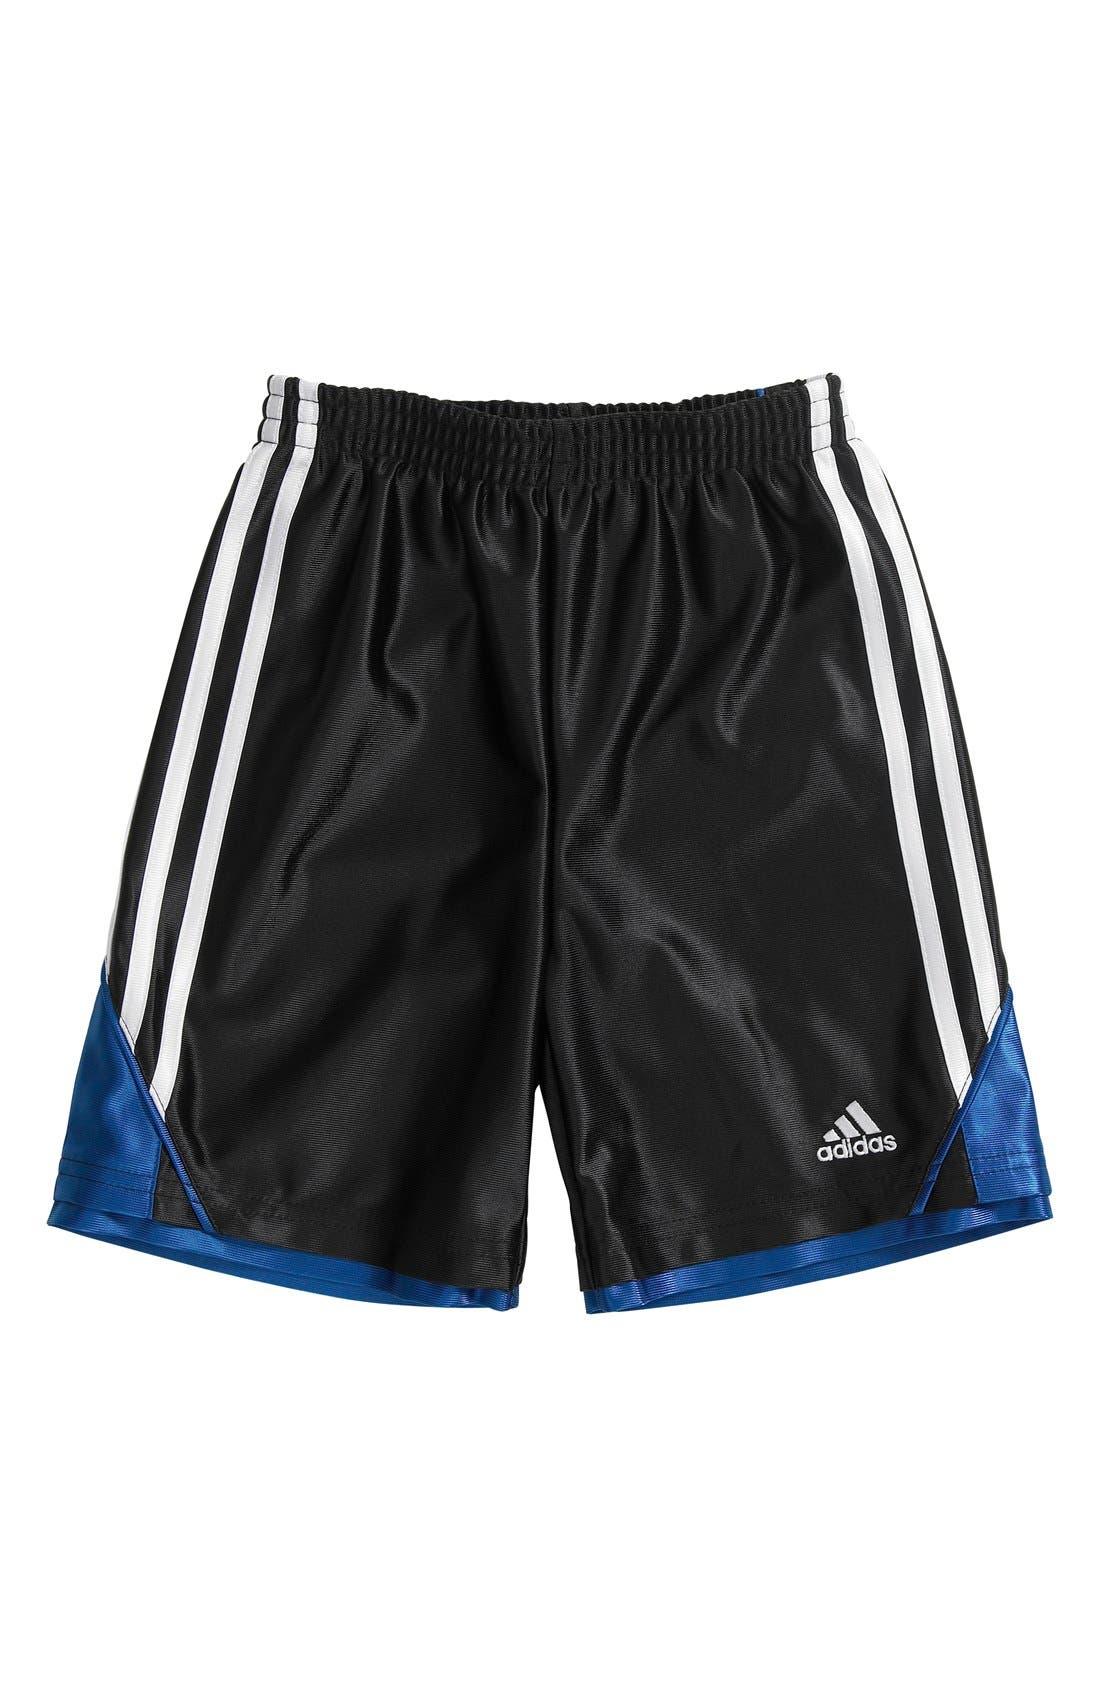 Main Image - adidas 'Prime Dazzle' Shorts (Toddler Boys)